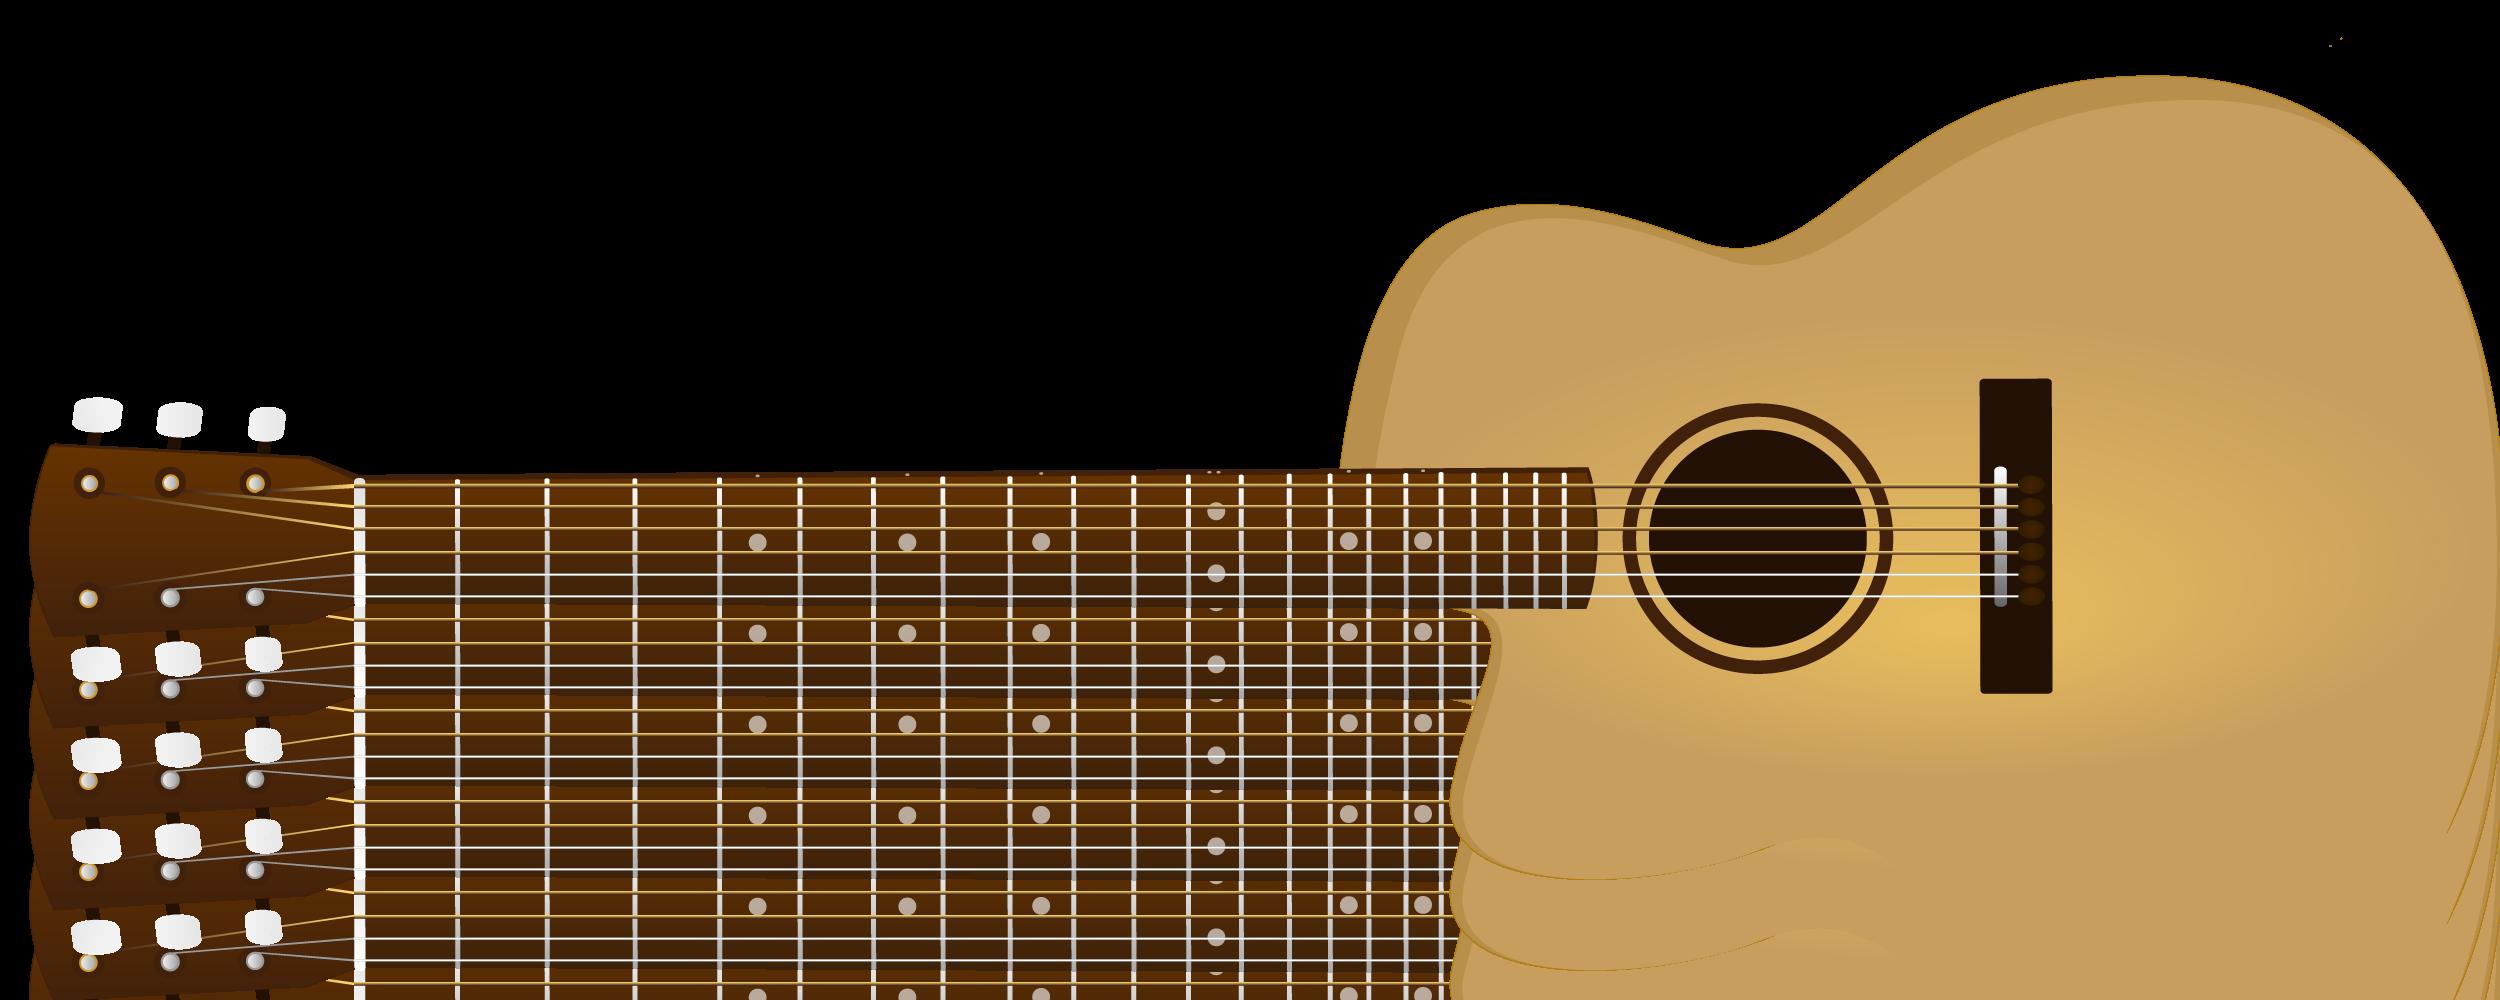 ... Acoustic guitar clipart 6 ...